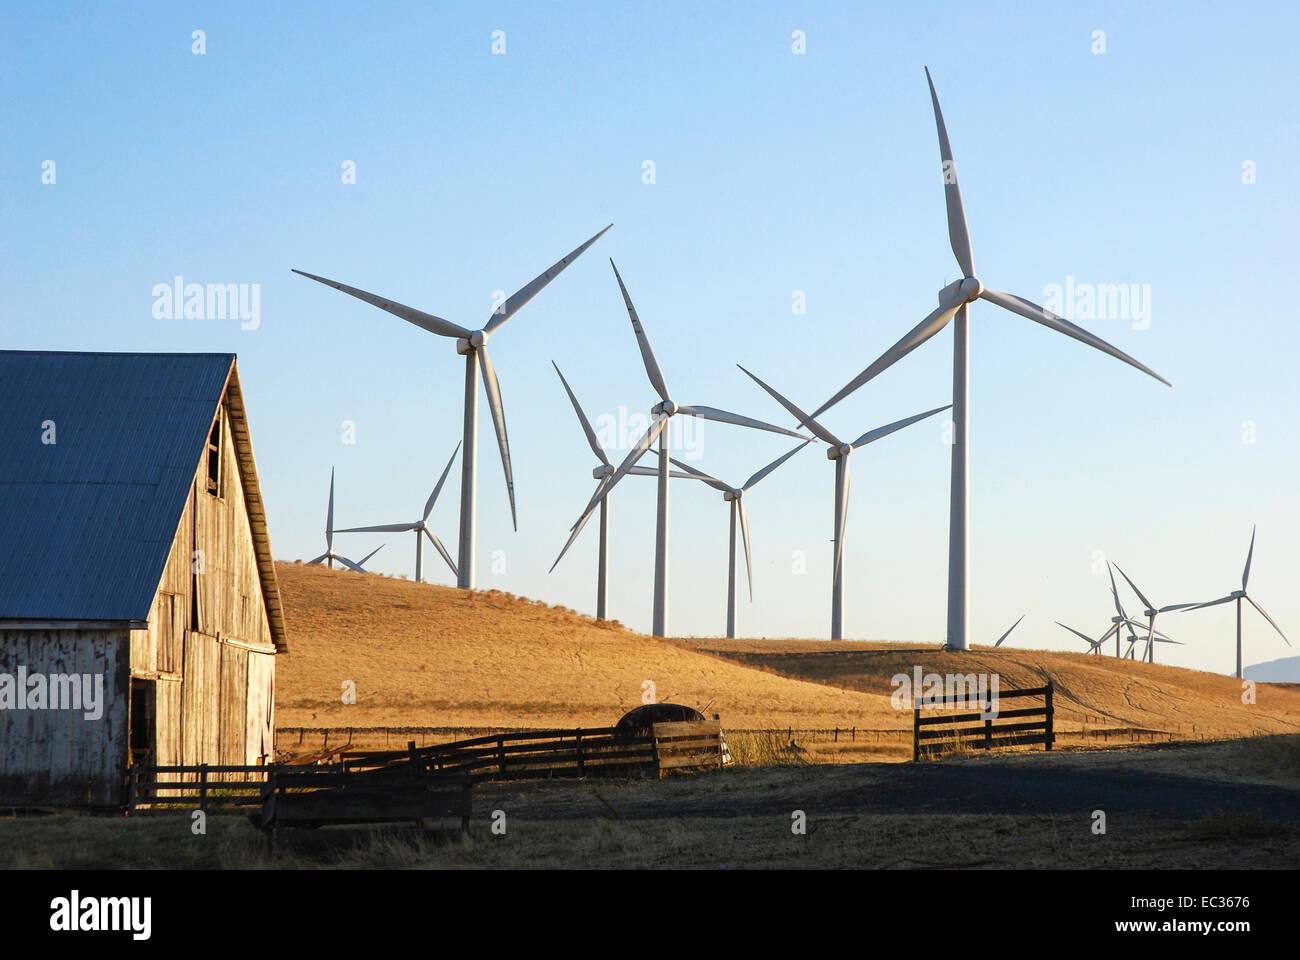 Ferme éolienne sur les terres agricoles Photo Stock